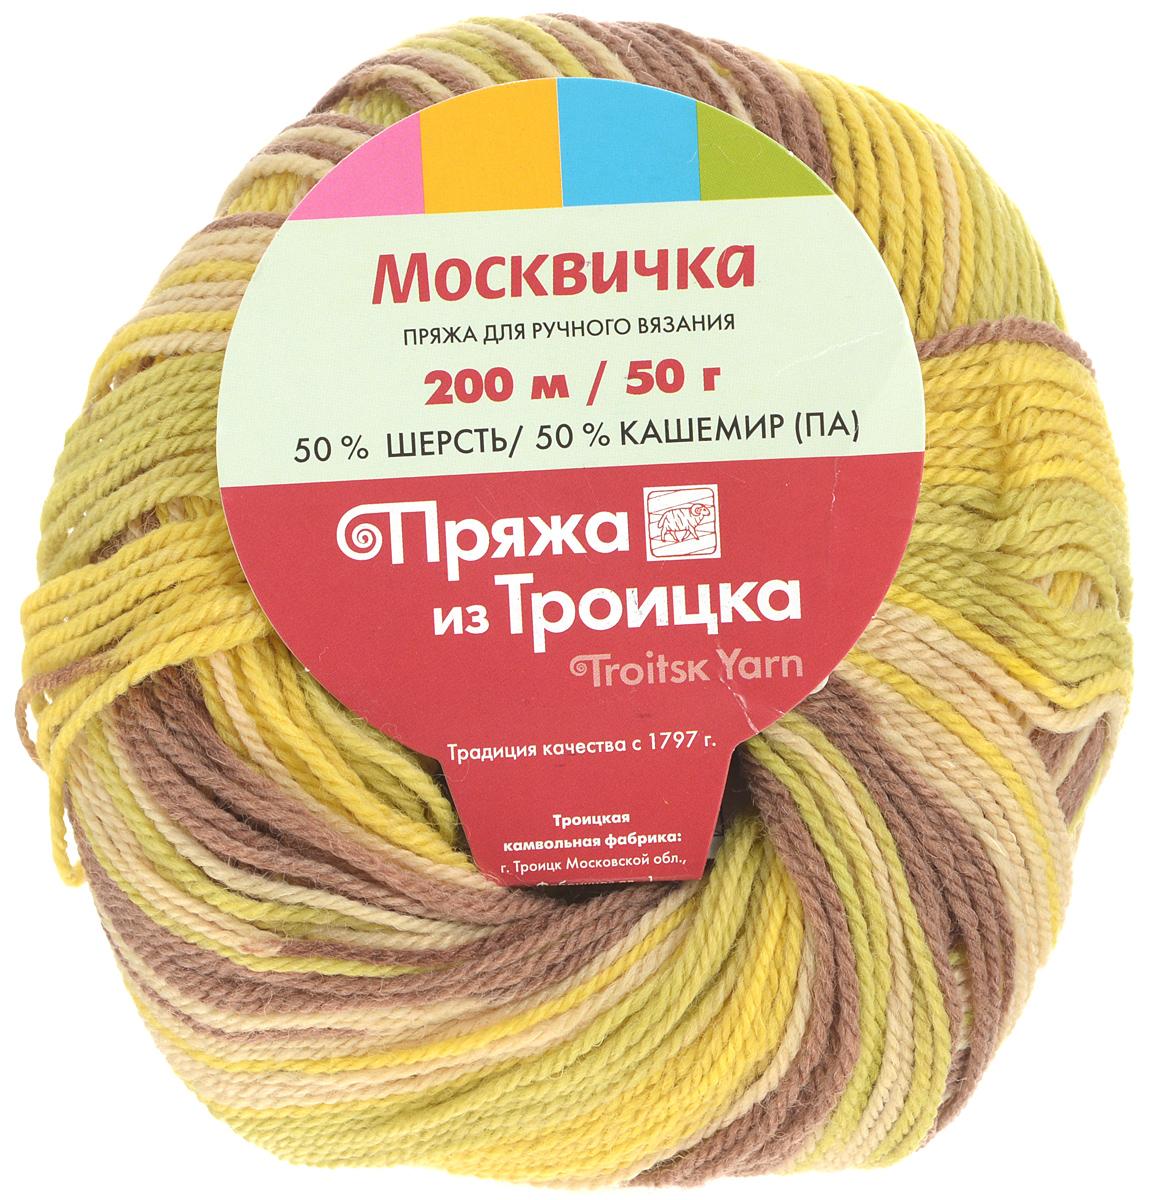 Пряжа для вязания Москвичка, цвет: коричневый, бежевый, желто-зеленый (7092), 200 м, 50 г, 10 шт366081_7092Пряжа Москвичка, изготовленная из искусственного кашемира (полиамид) и шерсти, предназначена для ручного вязания. Несмотря на синтетические волокна, изделие сохранило нежность и воздушность, присущую натуральному материалу. Пряжа спрядена ровными нитями со слабым кручением. Связанный трикотаж не линяет и сохраняет после стирки не только цвет, но и форму. С такой пряжей процесс вязания превратится в настоящее удовольствие, а внешний вид изделий подарит эстетическое наслаждение и комфорт. Состав: 50% шерсть, 50% кашемир (полиамид).